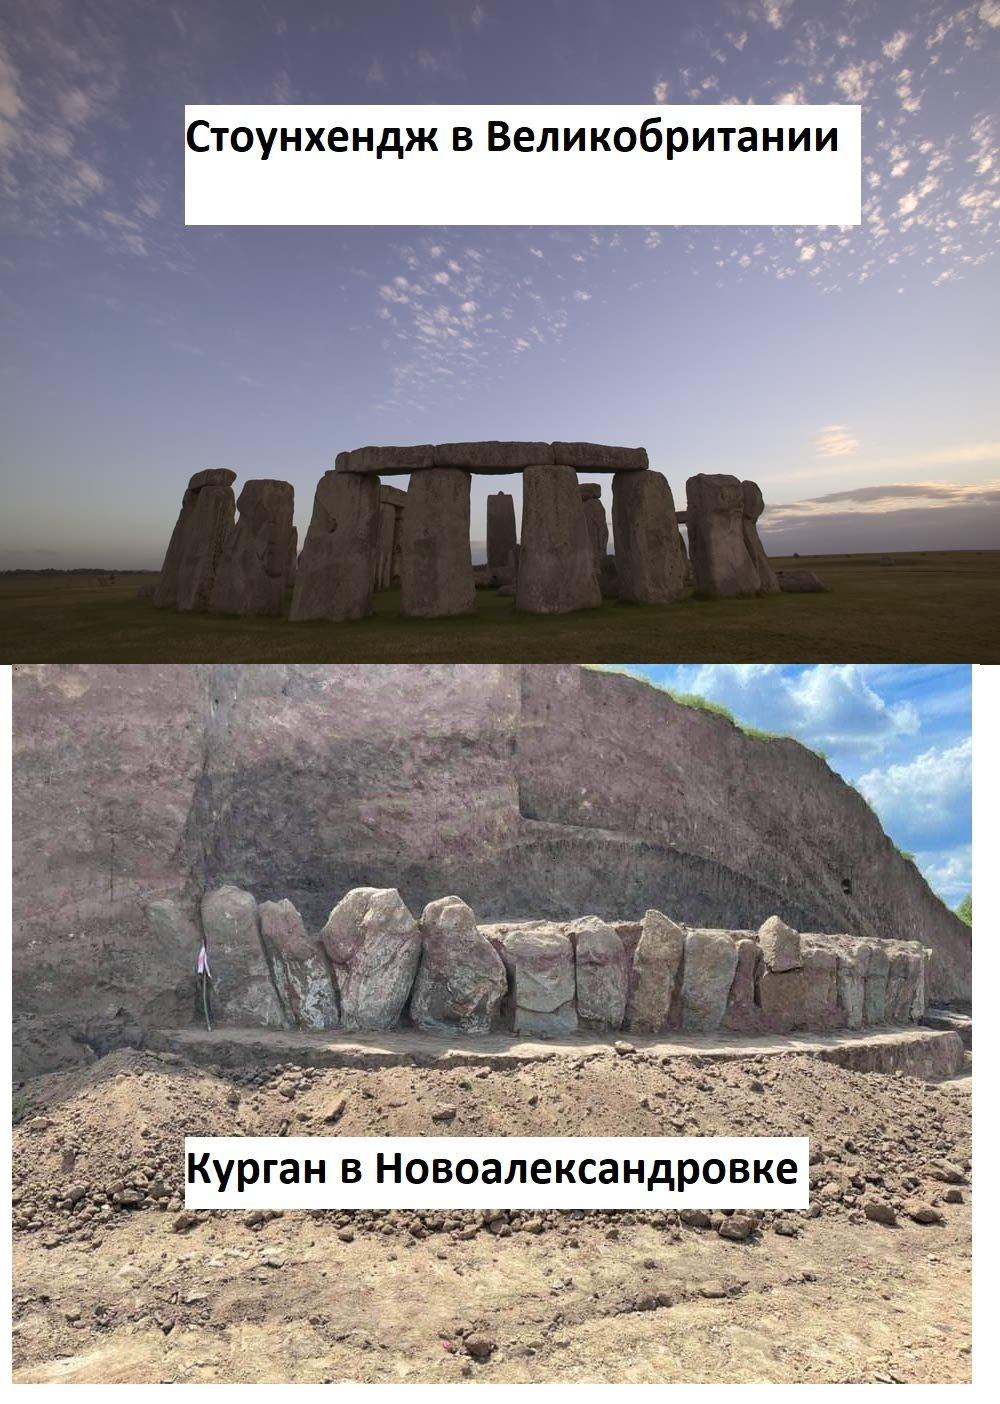 Сенсационная находка археологов: в Днепре появился свой Стоунхендж, фото-1